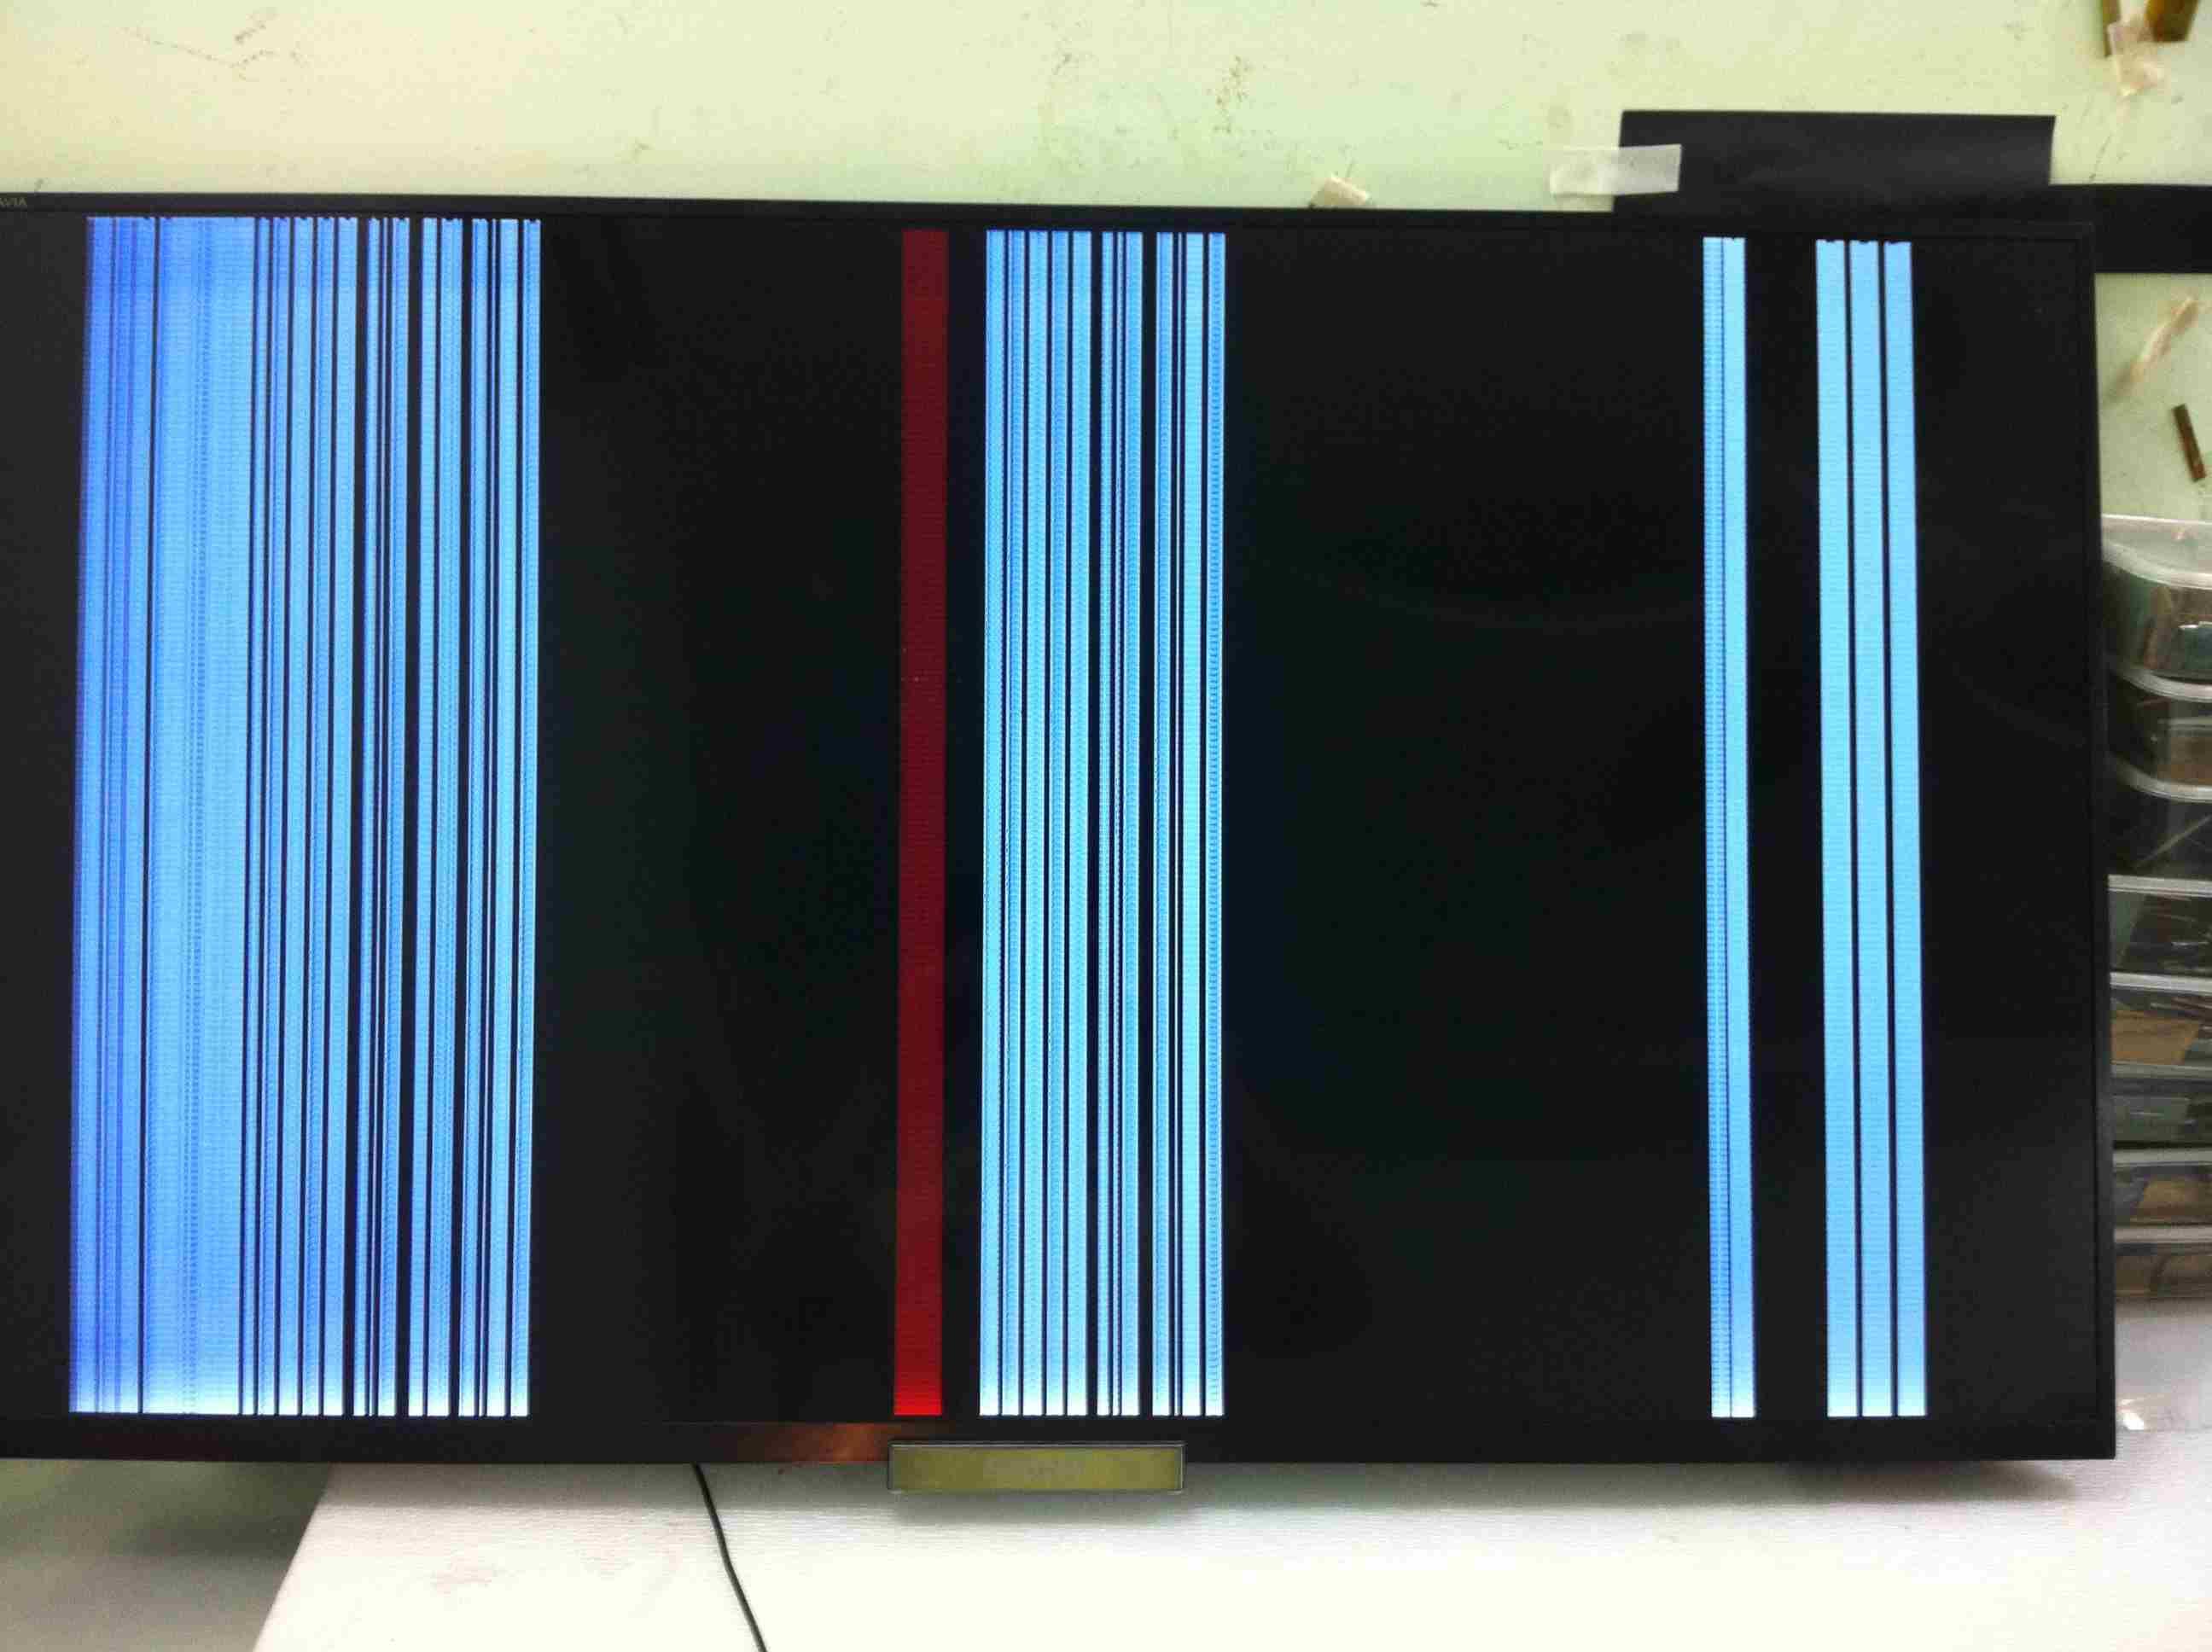 thay màn hình tivi sony tại hải phòng